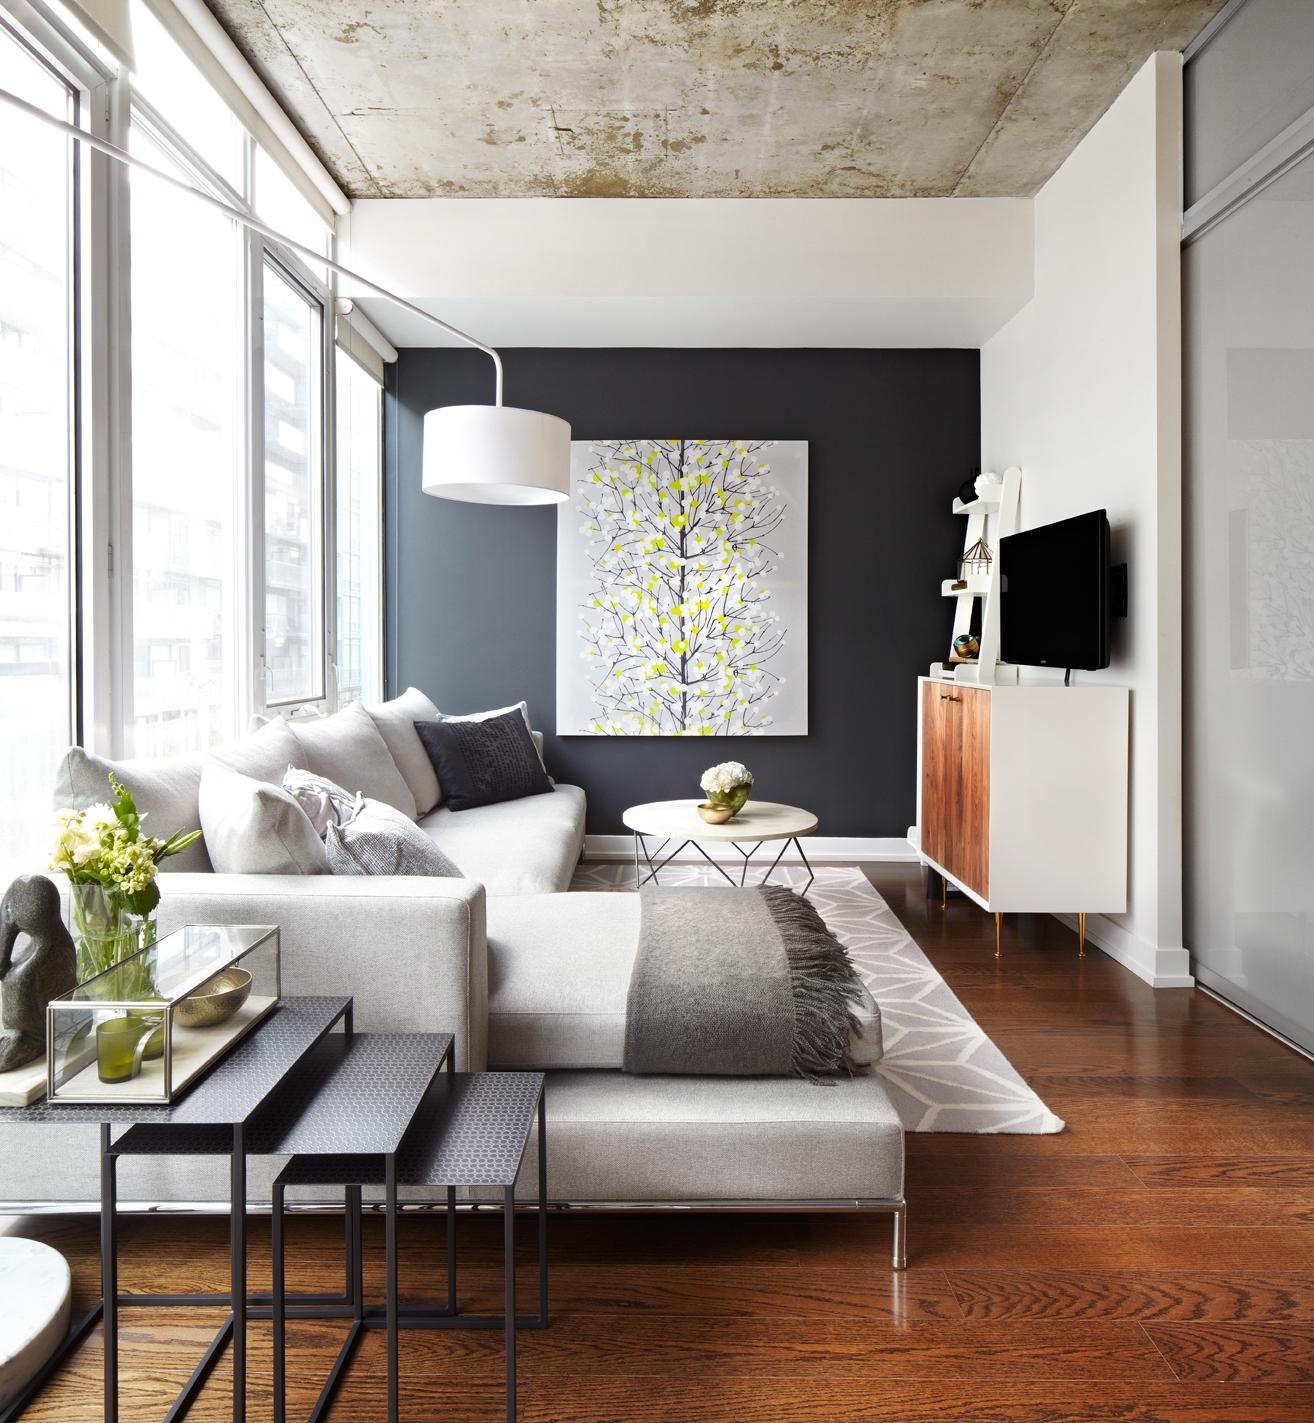 Деревянный пол и серый диван в интерьере